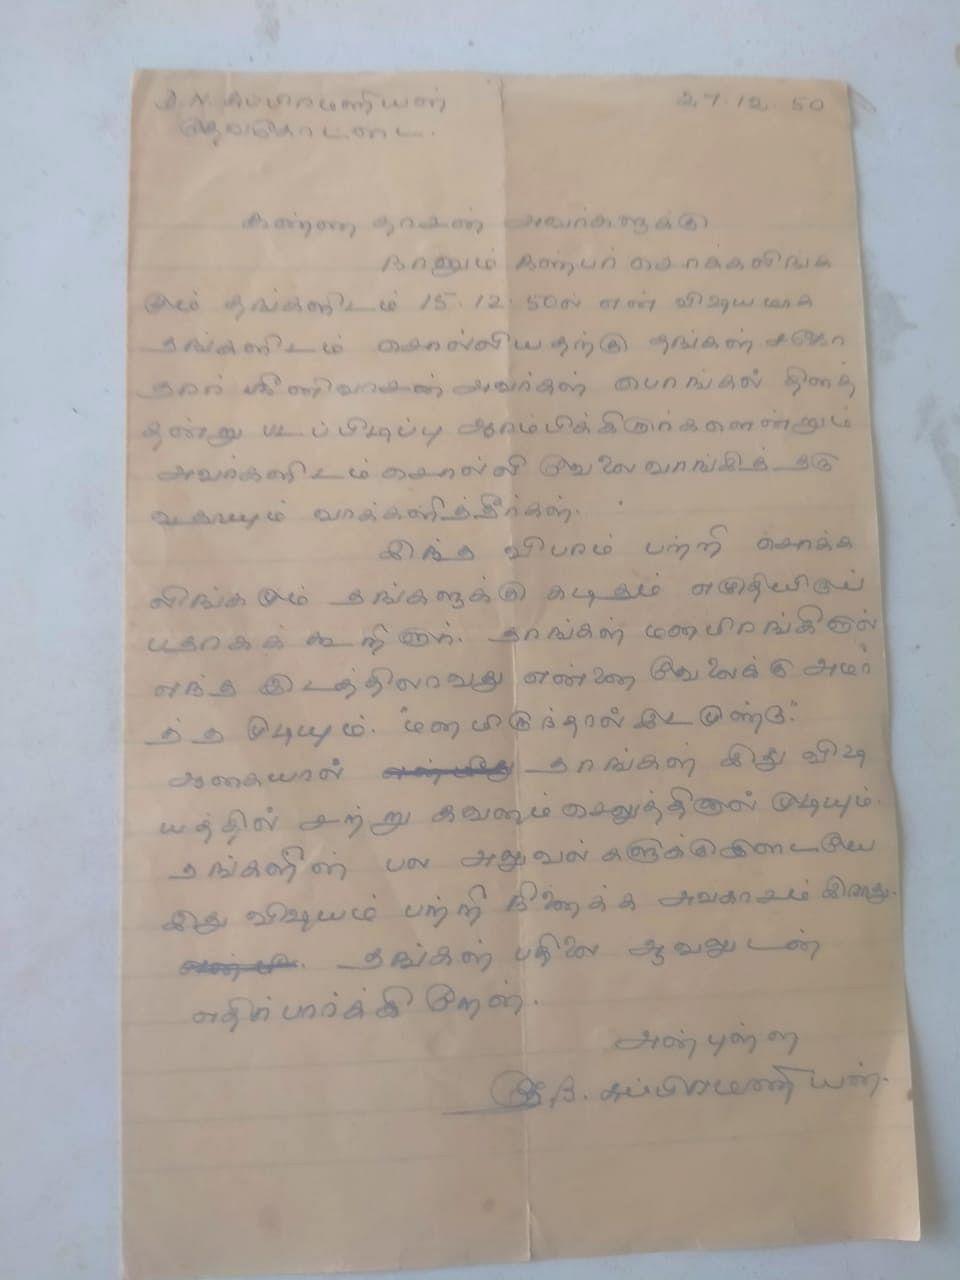 கண்ணதாசனுக்கு டி.என்.எஸ். கடிதம்